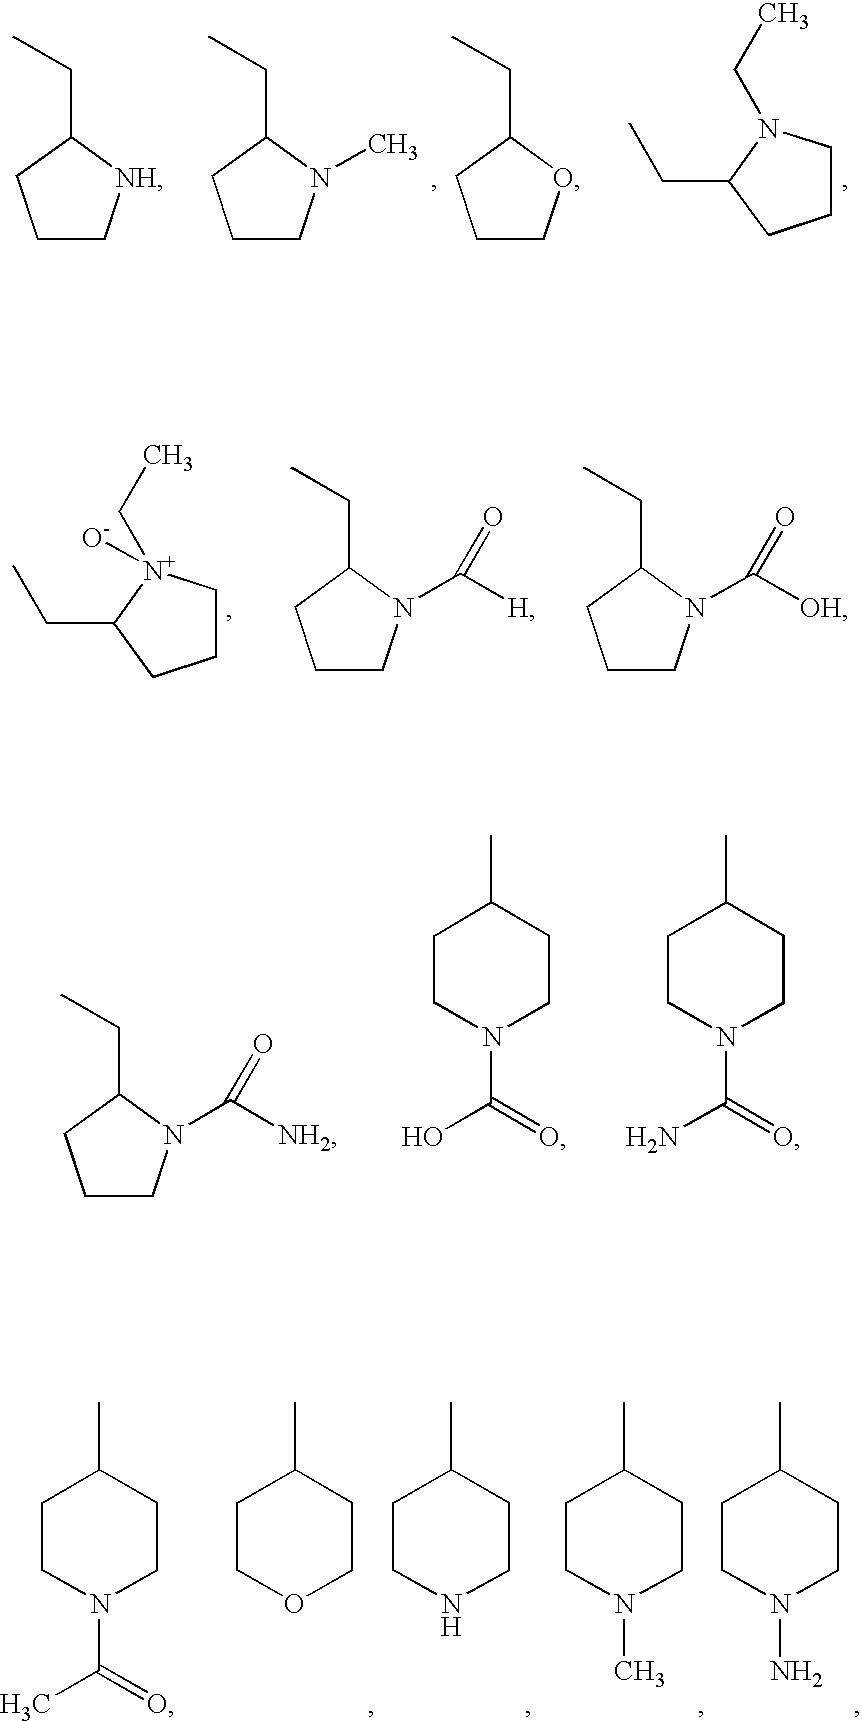 Figure US07112587-20060926-C00102